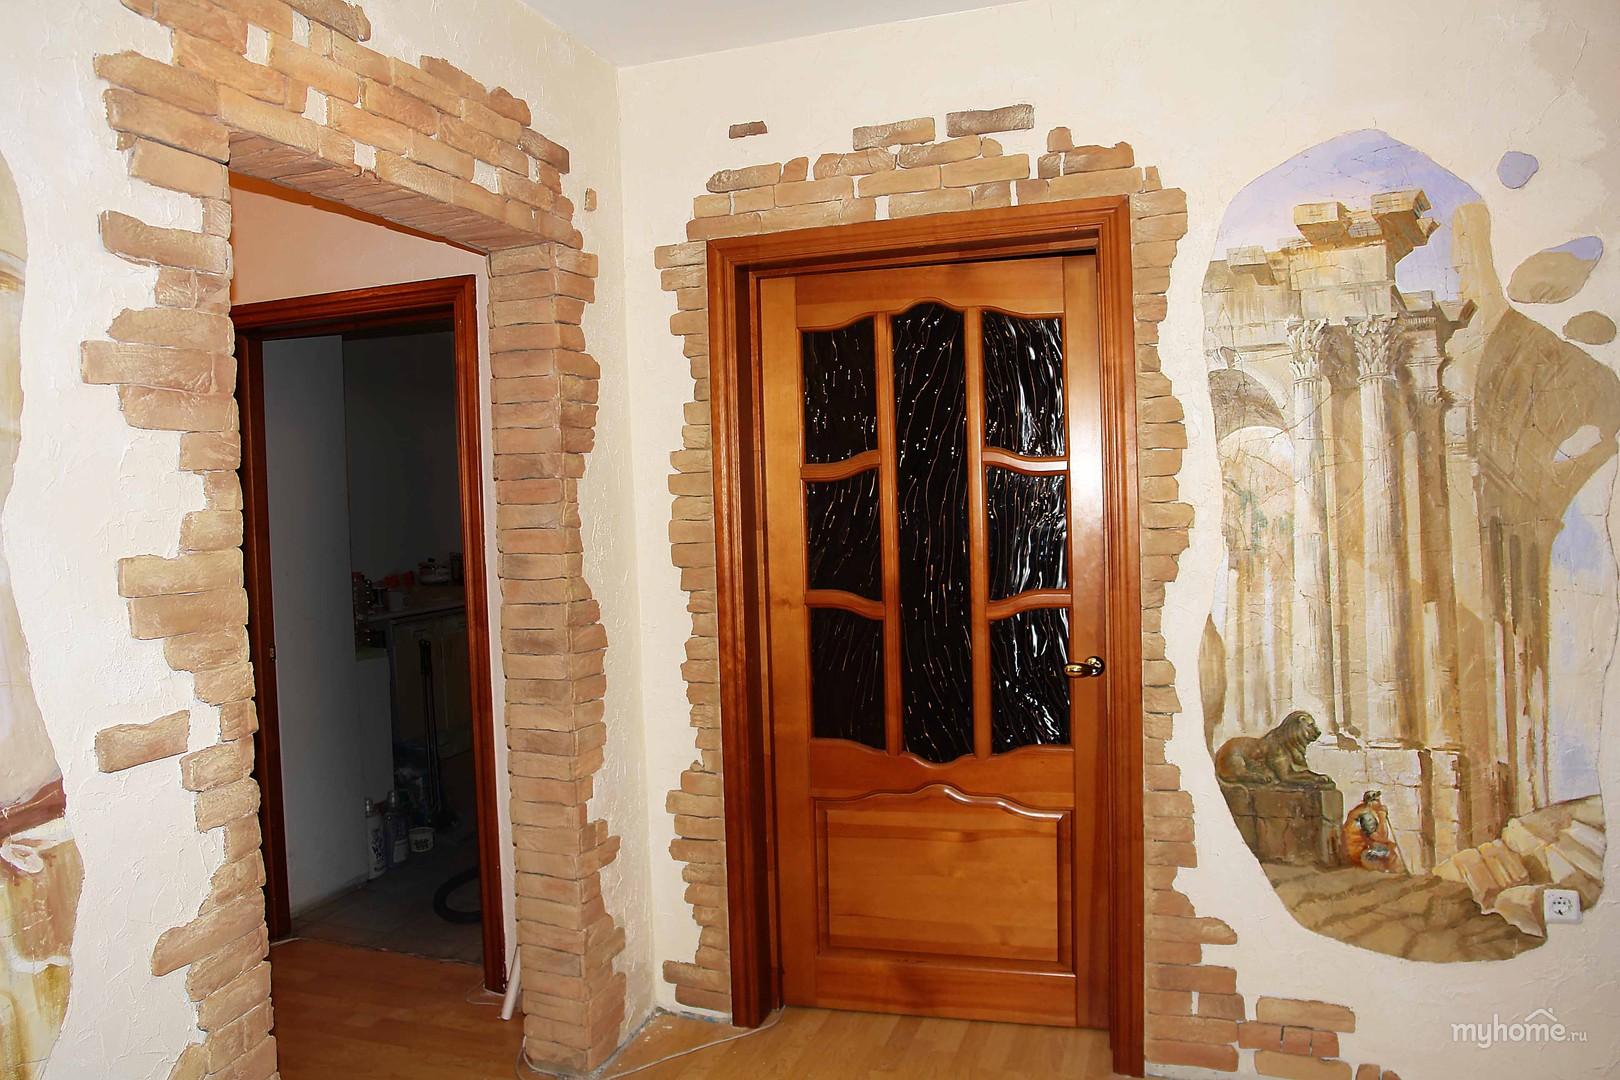 Фото котлы на кухне в коттедже демон